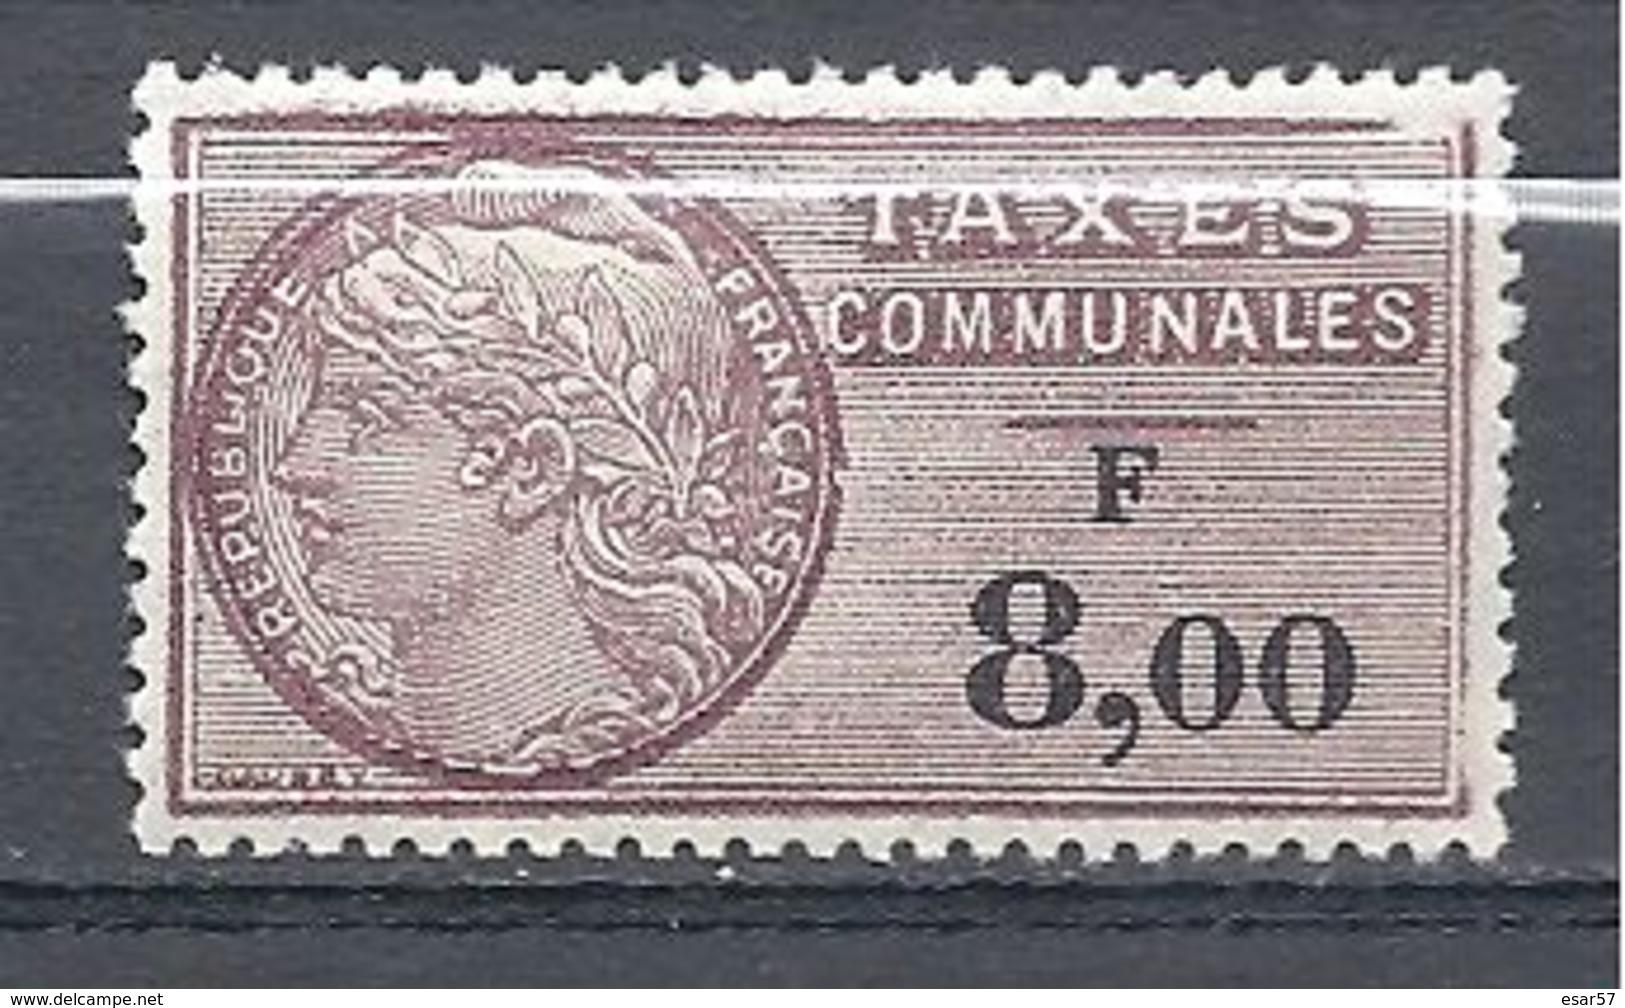 FRANCE FISCAUX Taxes Communales N° 30 Neuf Luxe Très Petit Défaut Coin Droite En Haut - Fiscaux